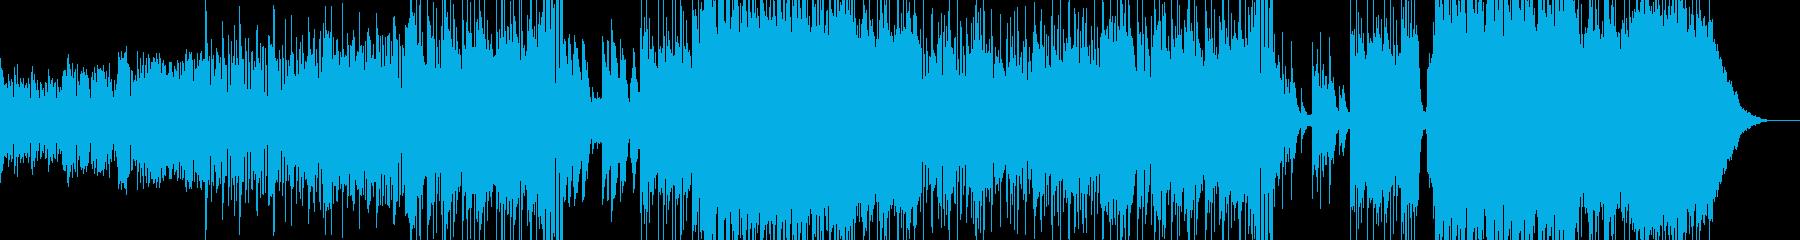 ハロウィンナイト・異世界風ワルツ Bの再生済みの波形